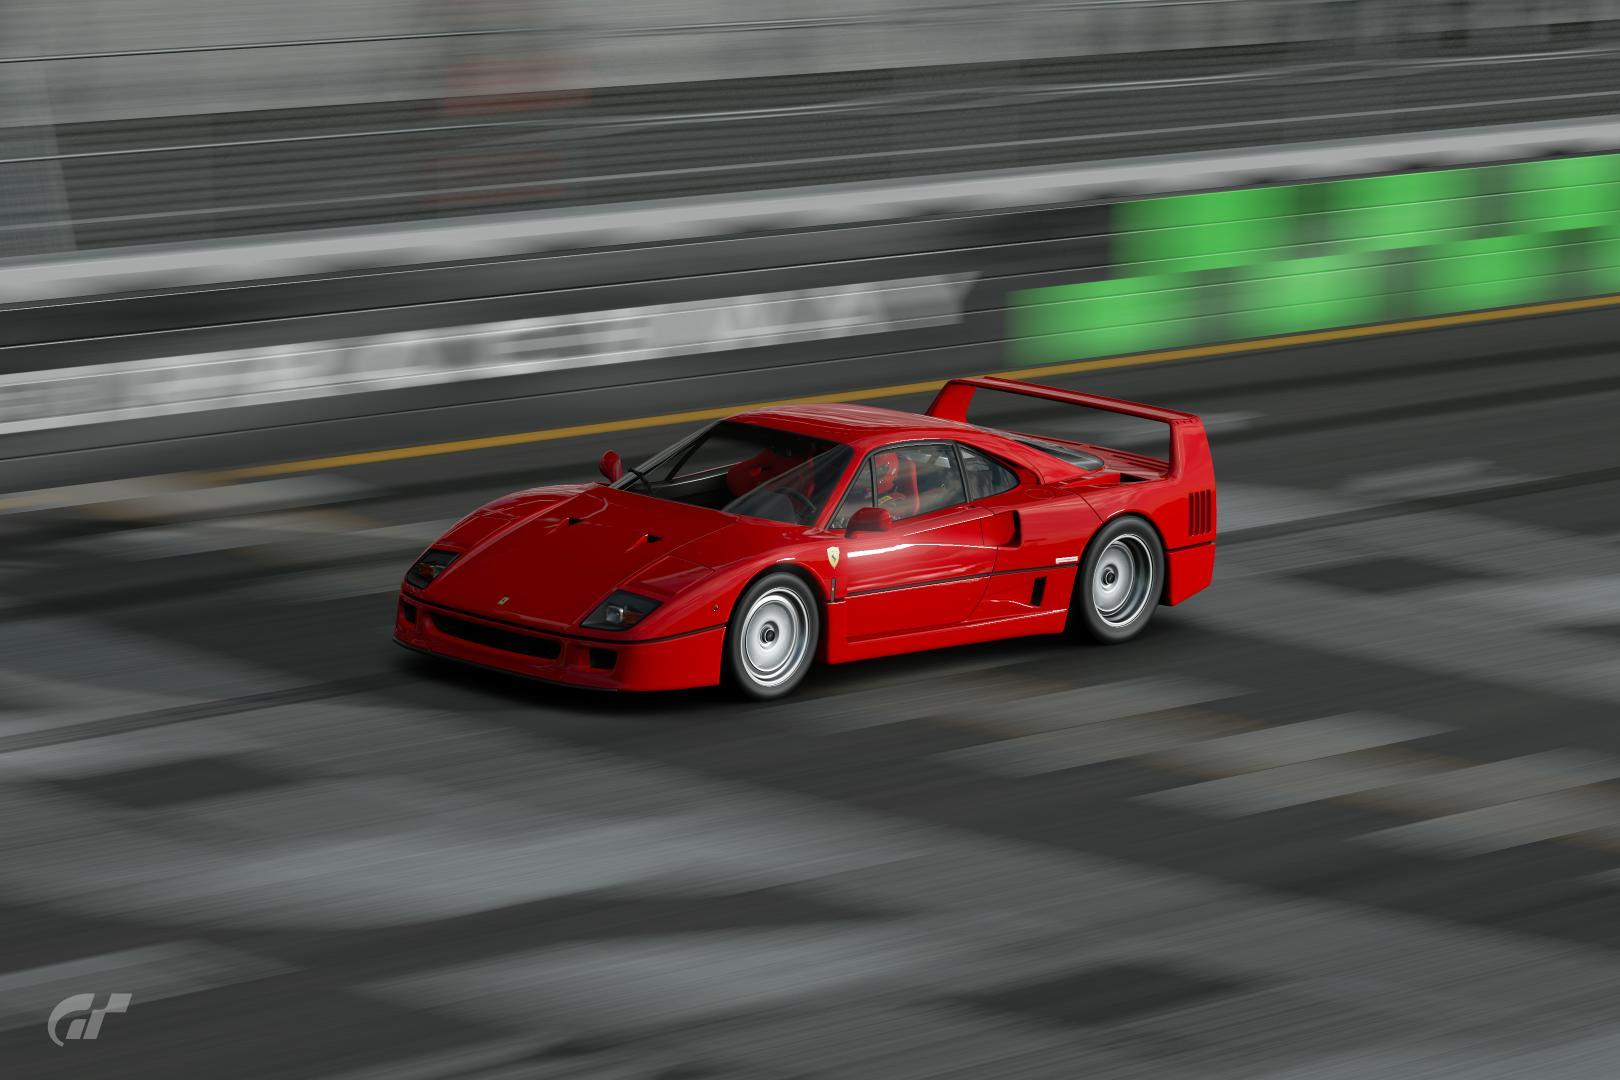 Ferrari F40 92